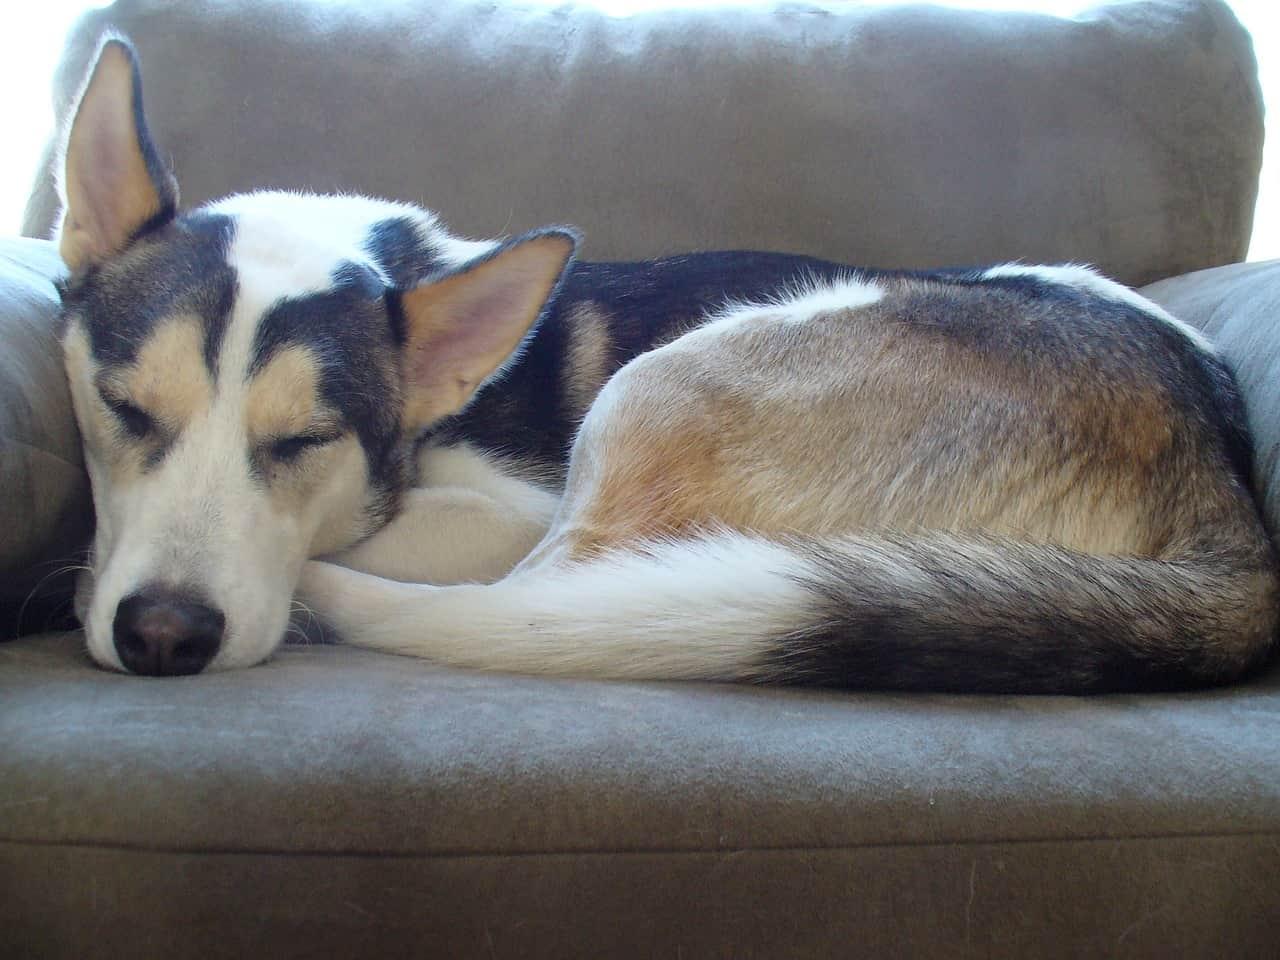 Hundesofa: Test & Empfehlungen (11/20)